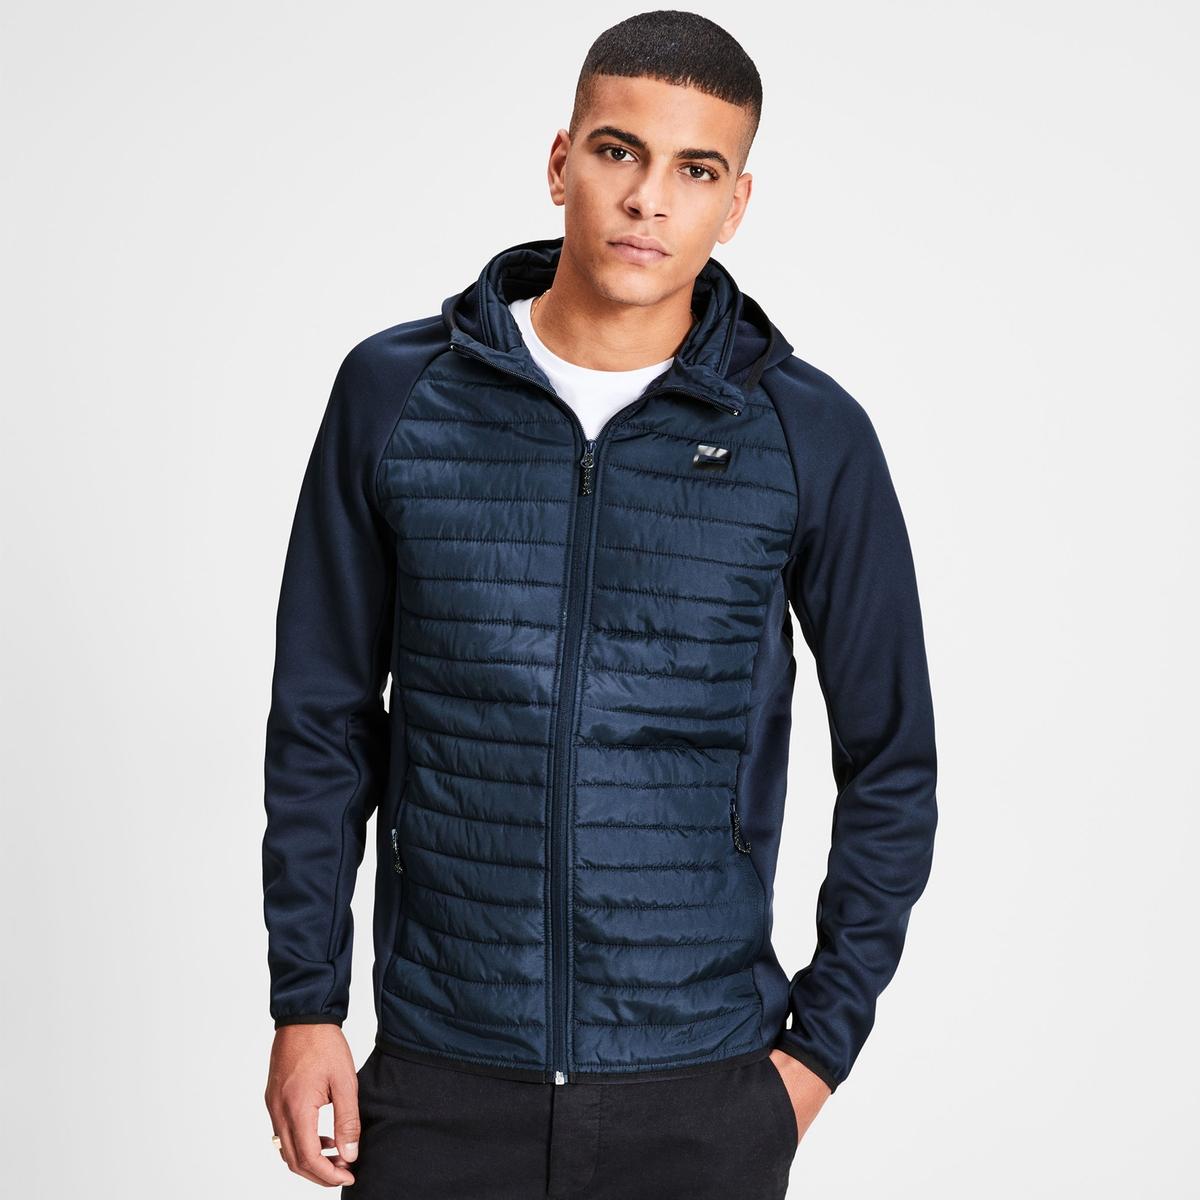 Куртка стеганая с капюшоном, модель демисезонная